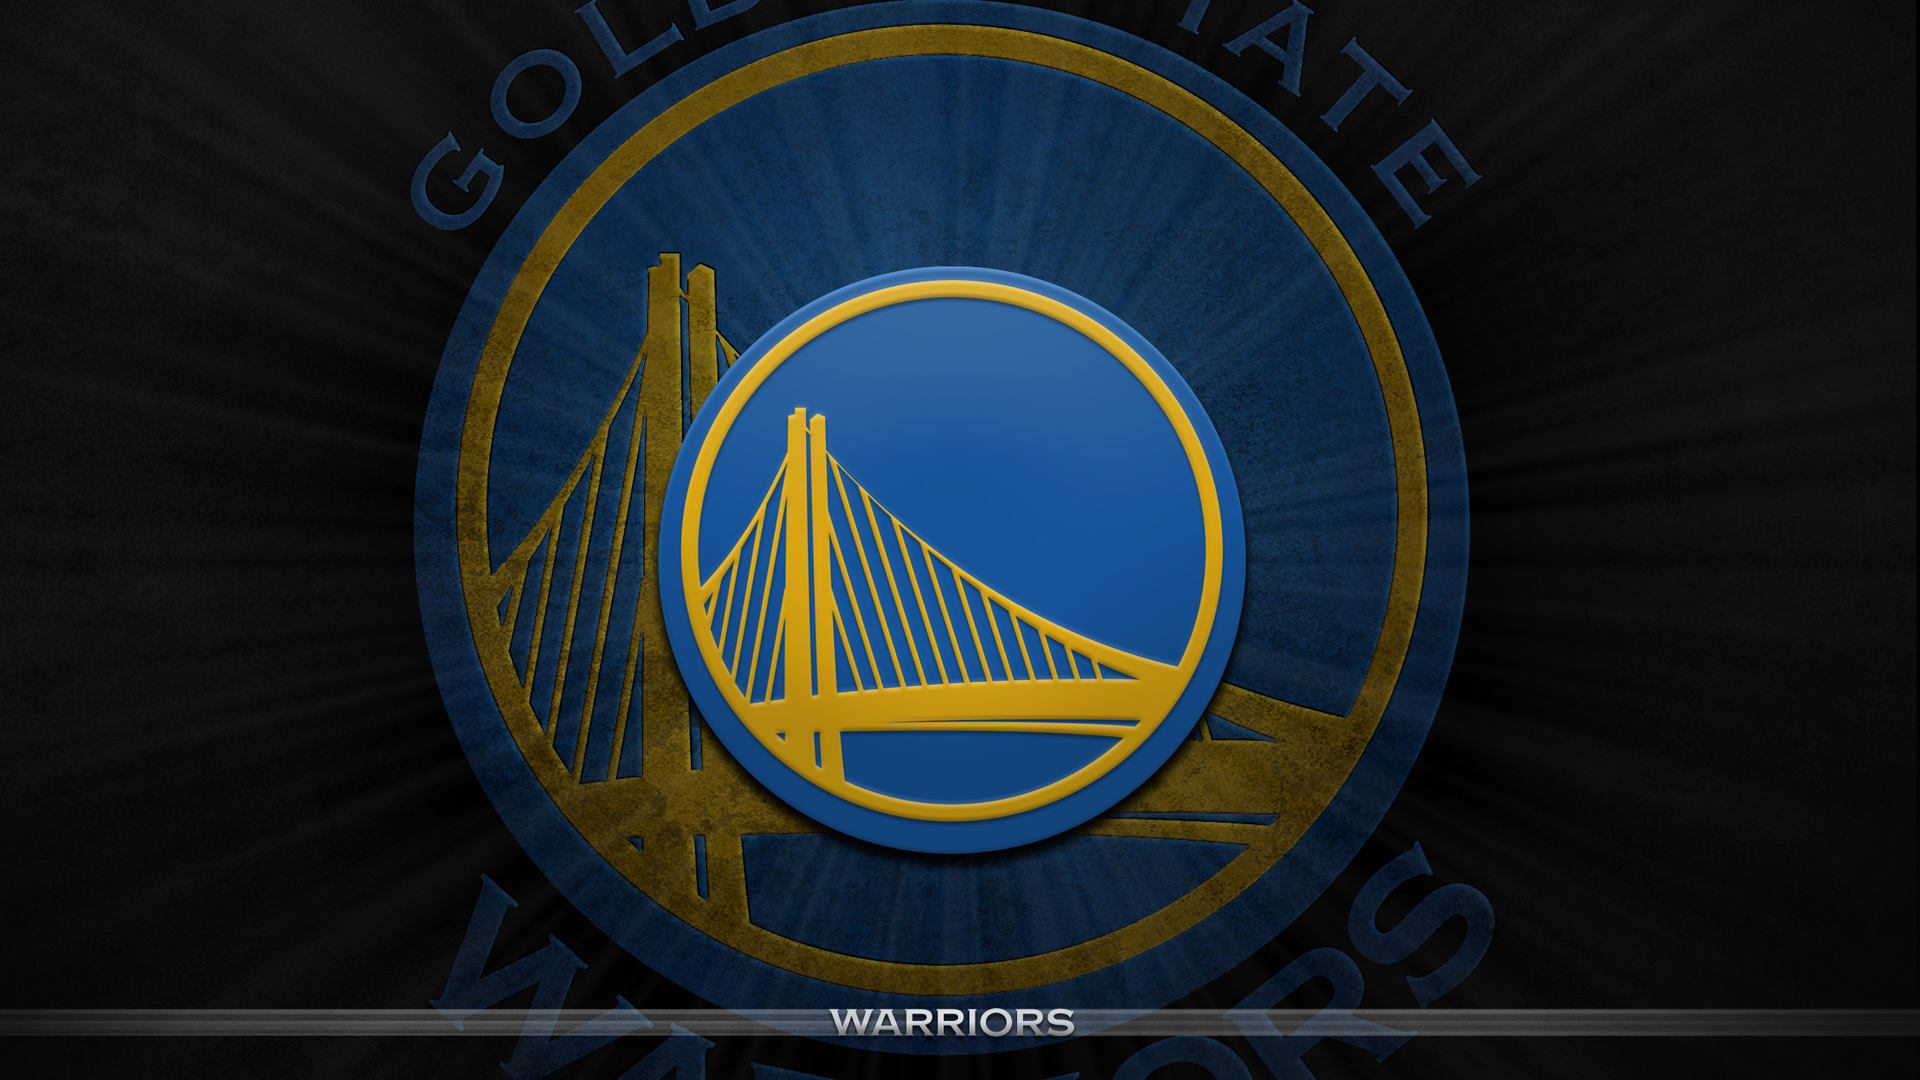 Golden State Warriors New 1920x1080 Download Hd Wallpaper Wallpapertip